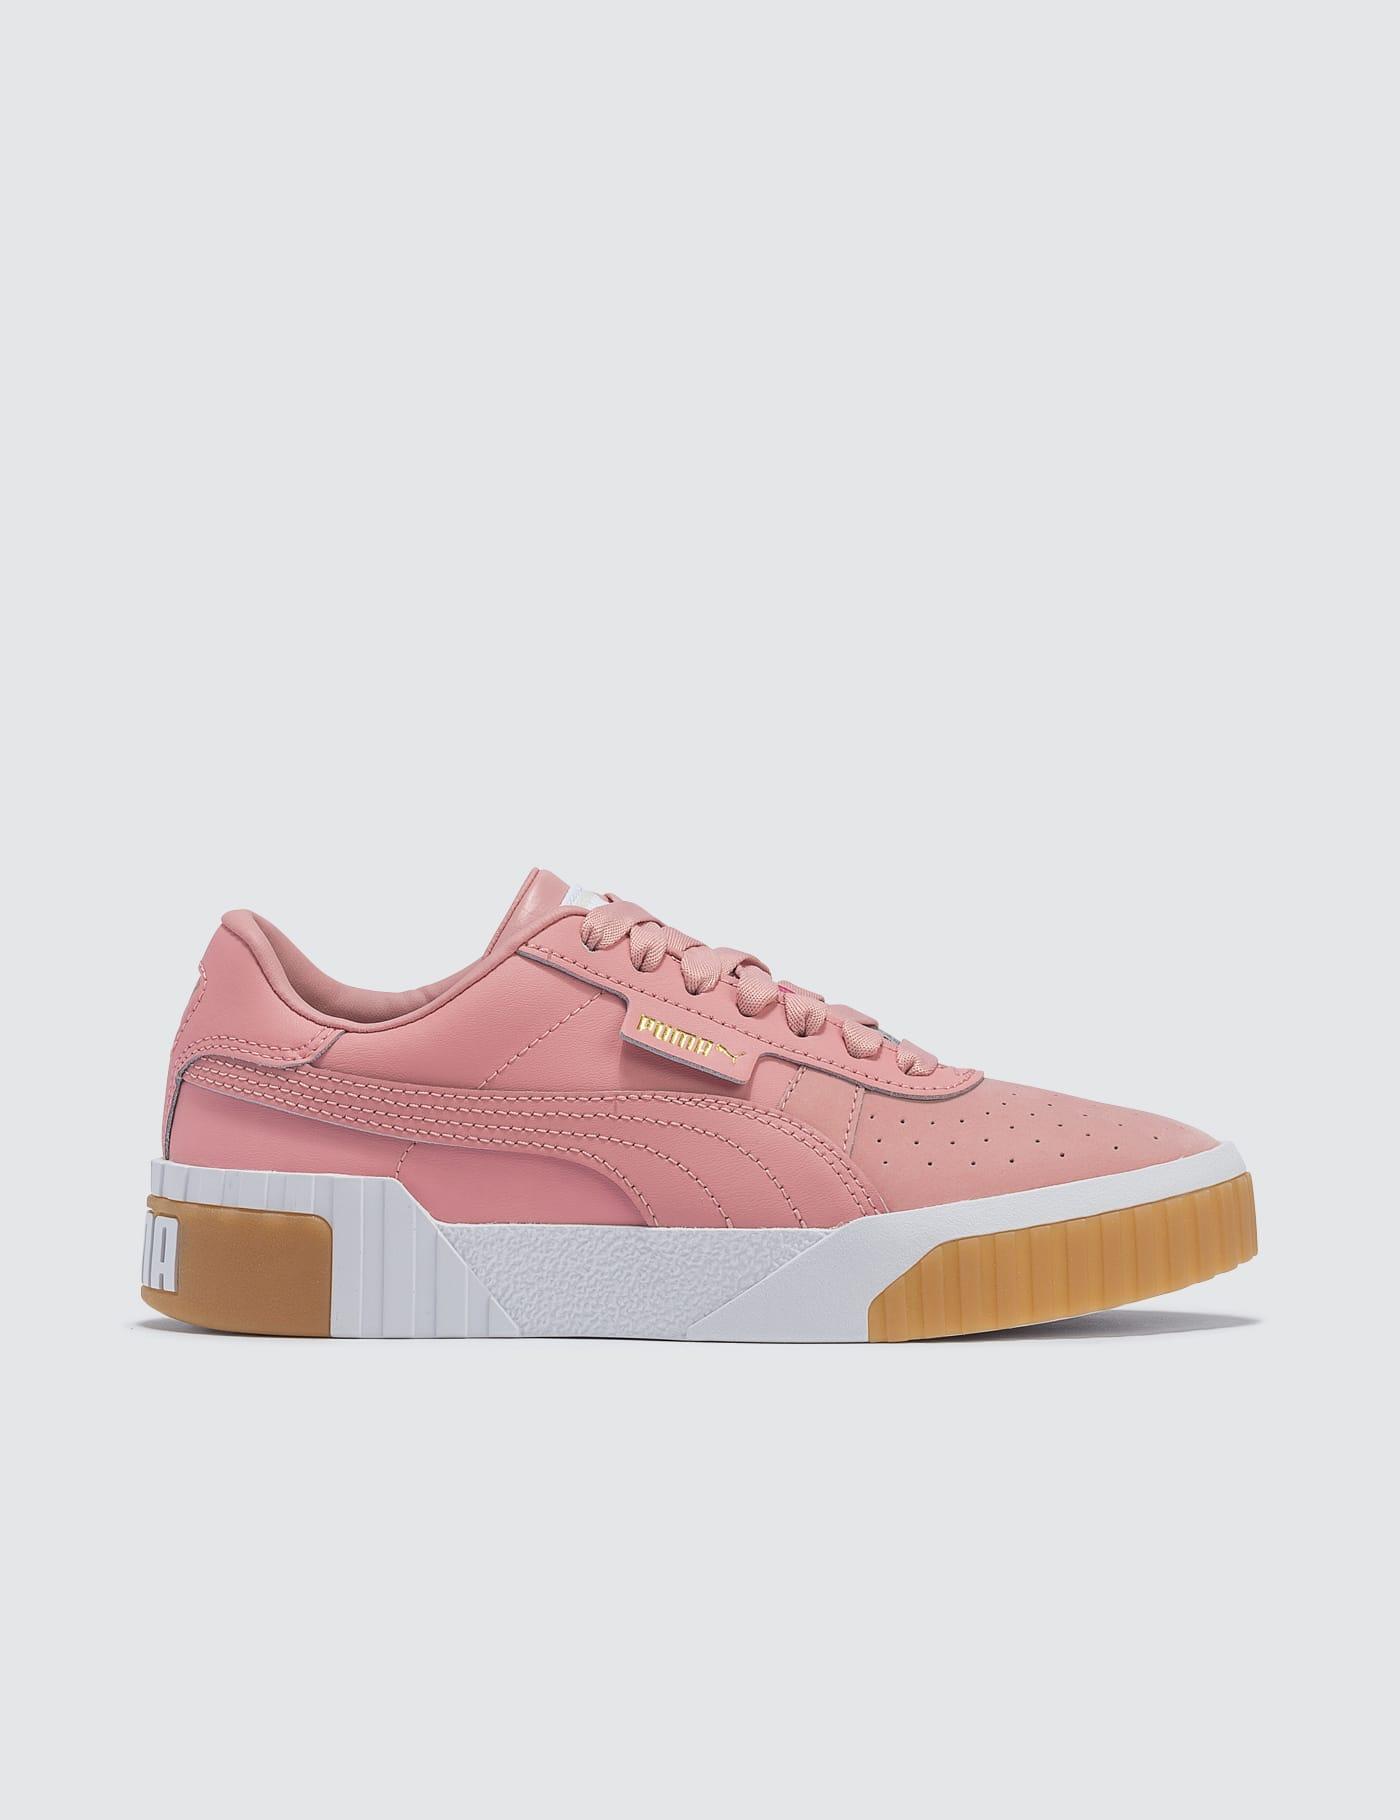 Puma - Cali Exotic Women's Sneaker | HBX